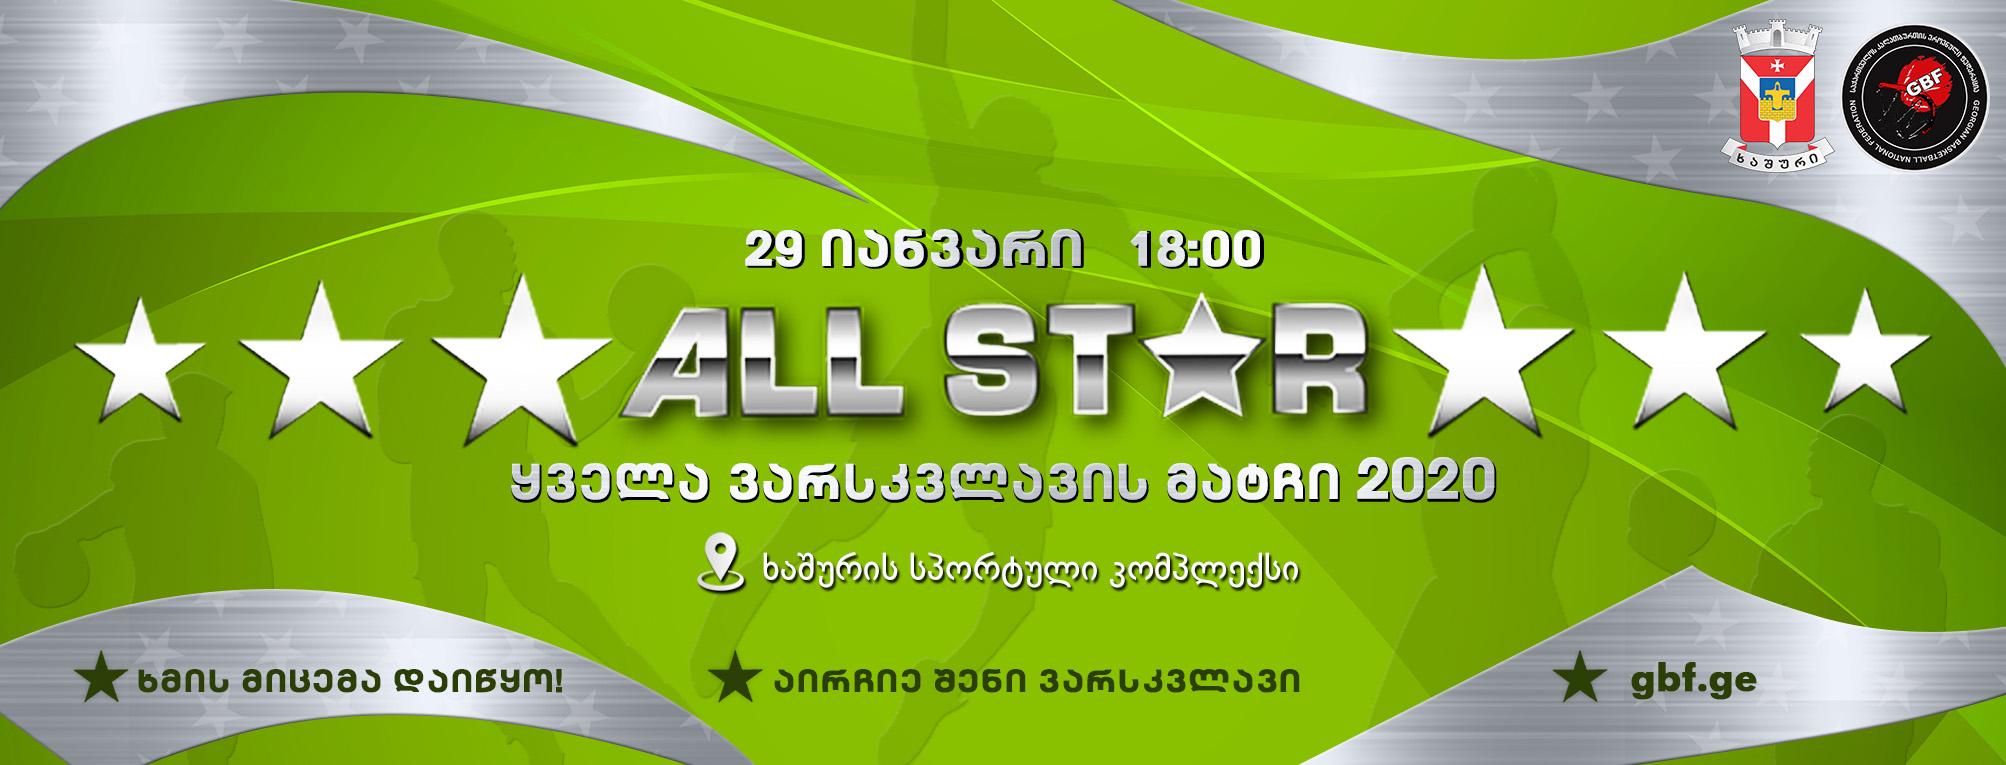 სუპერლიგის ALL STAR 2020-ის ყველა მონაწილე ცნობილია